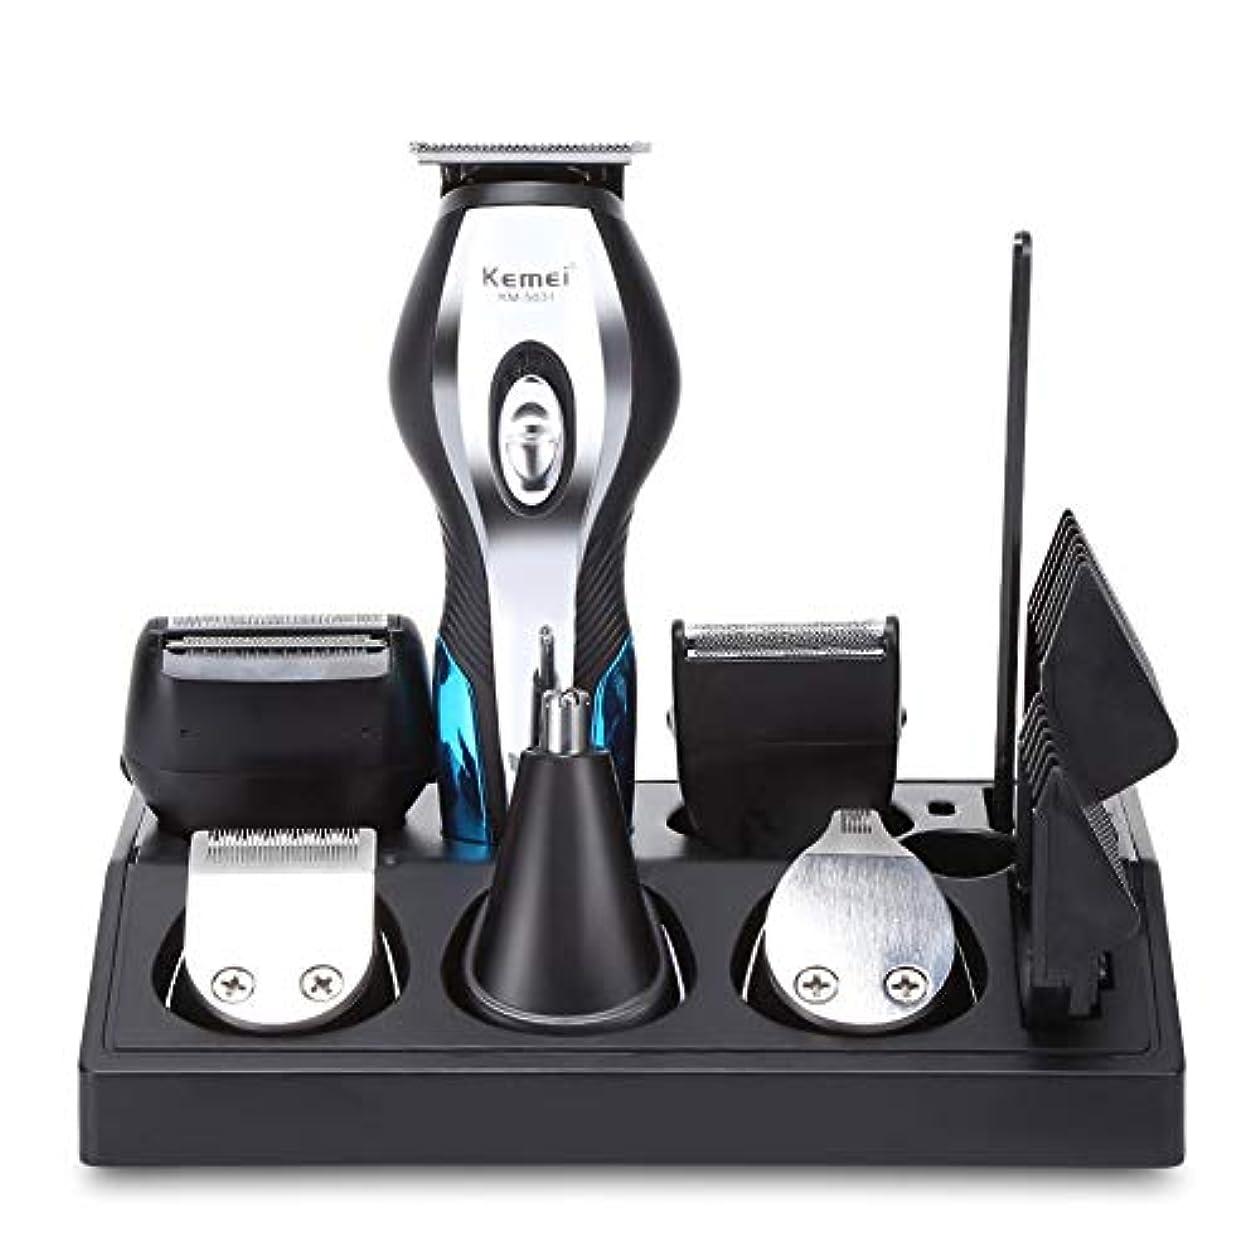 慣習対話芸術バリカン男性男性の電気バリカン11で1、充電式美容キット、レタリングシェーバー鼻毛トリマー髭耳トリマーコードレスヘアキットバリカン